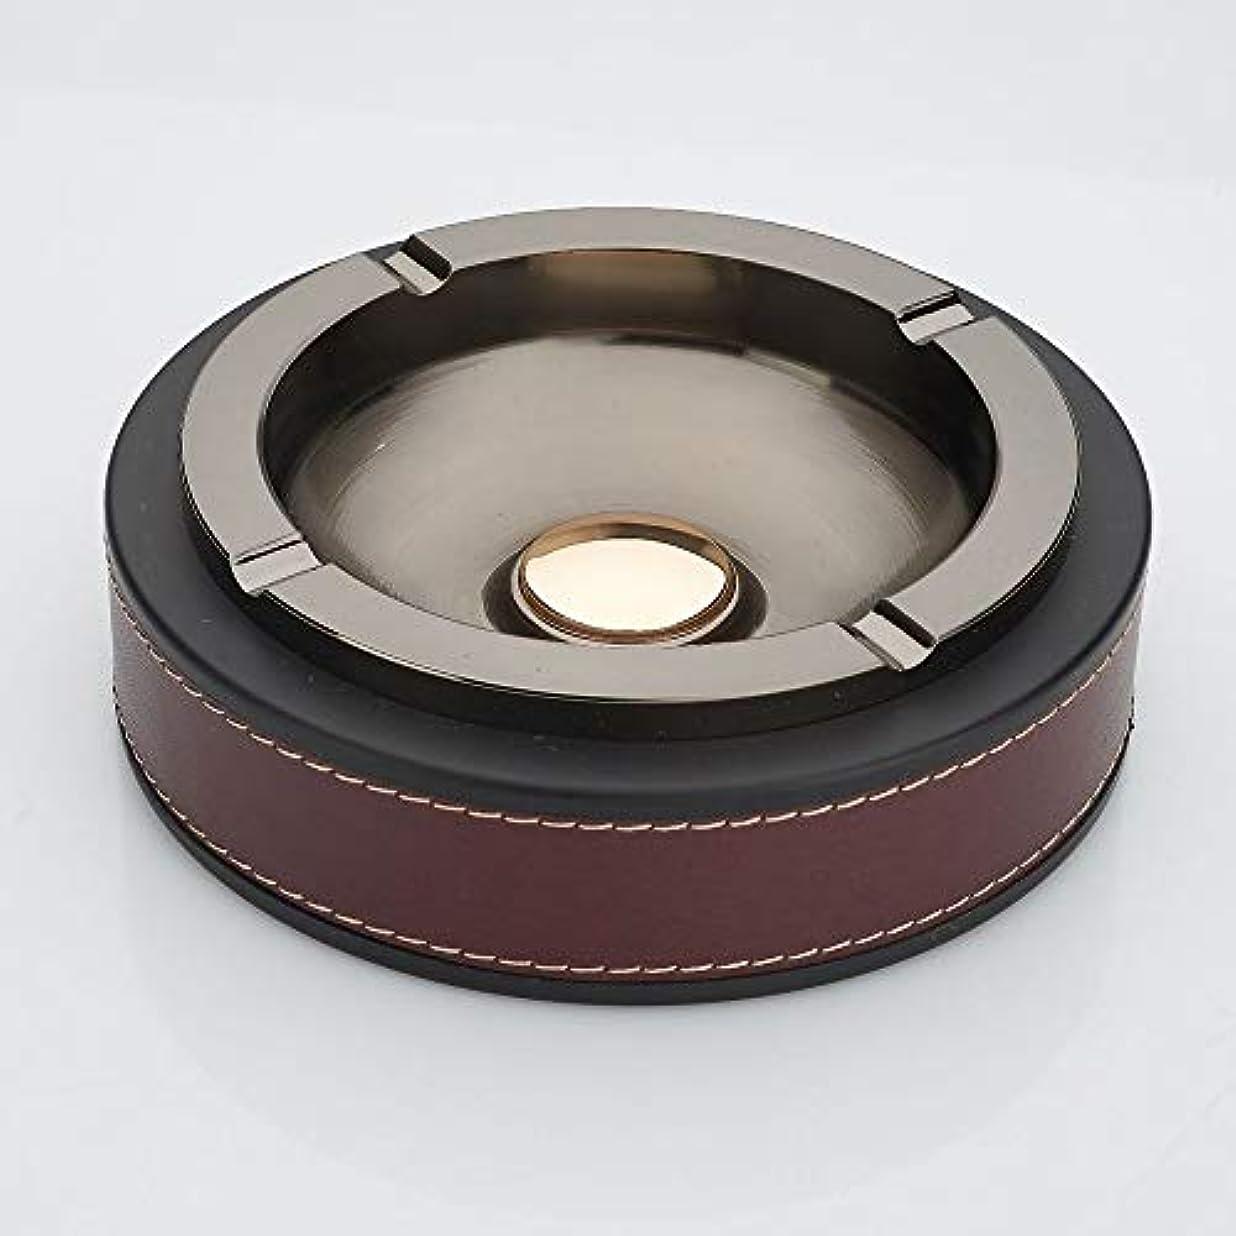 枝コンバーチブル急勾配のタバコの灰皿クリエイティブ灰皿ホームデコレーション (色 : 赤)